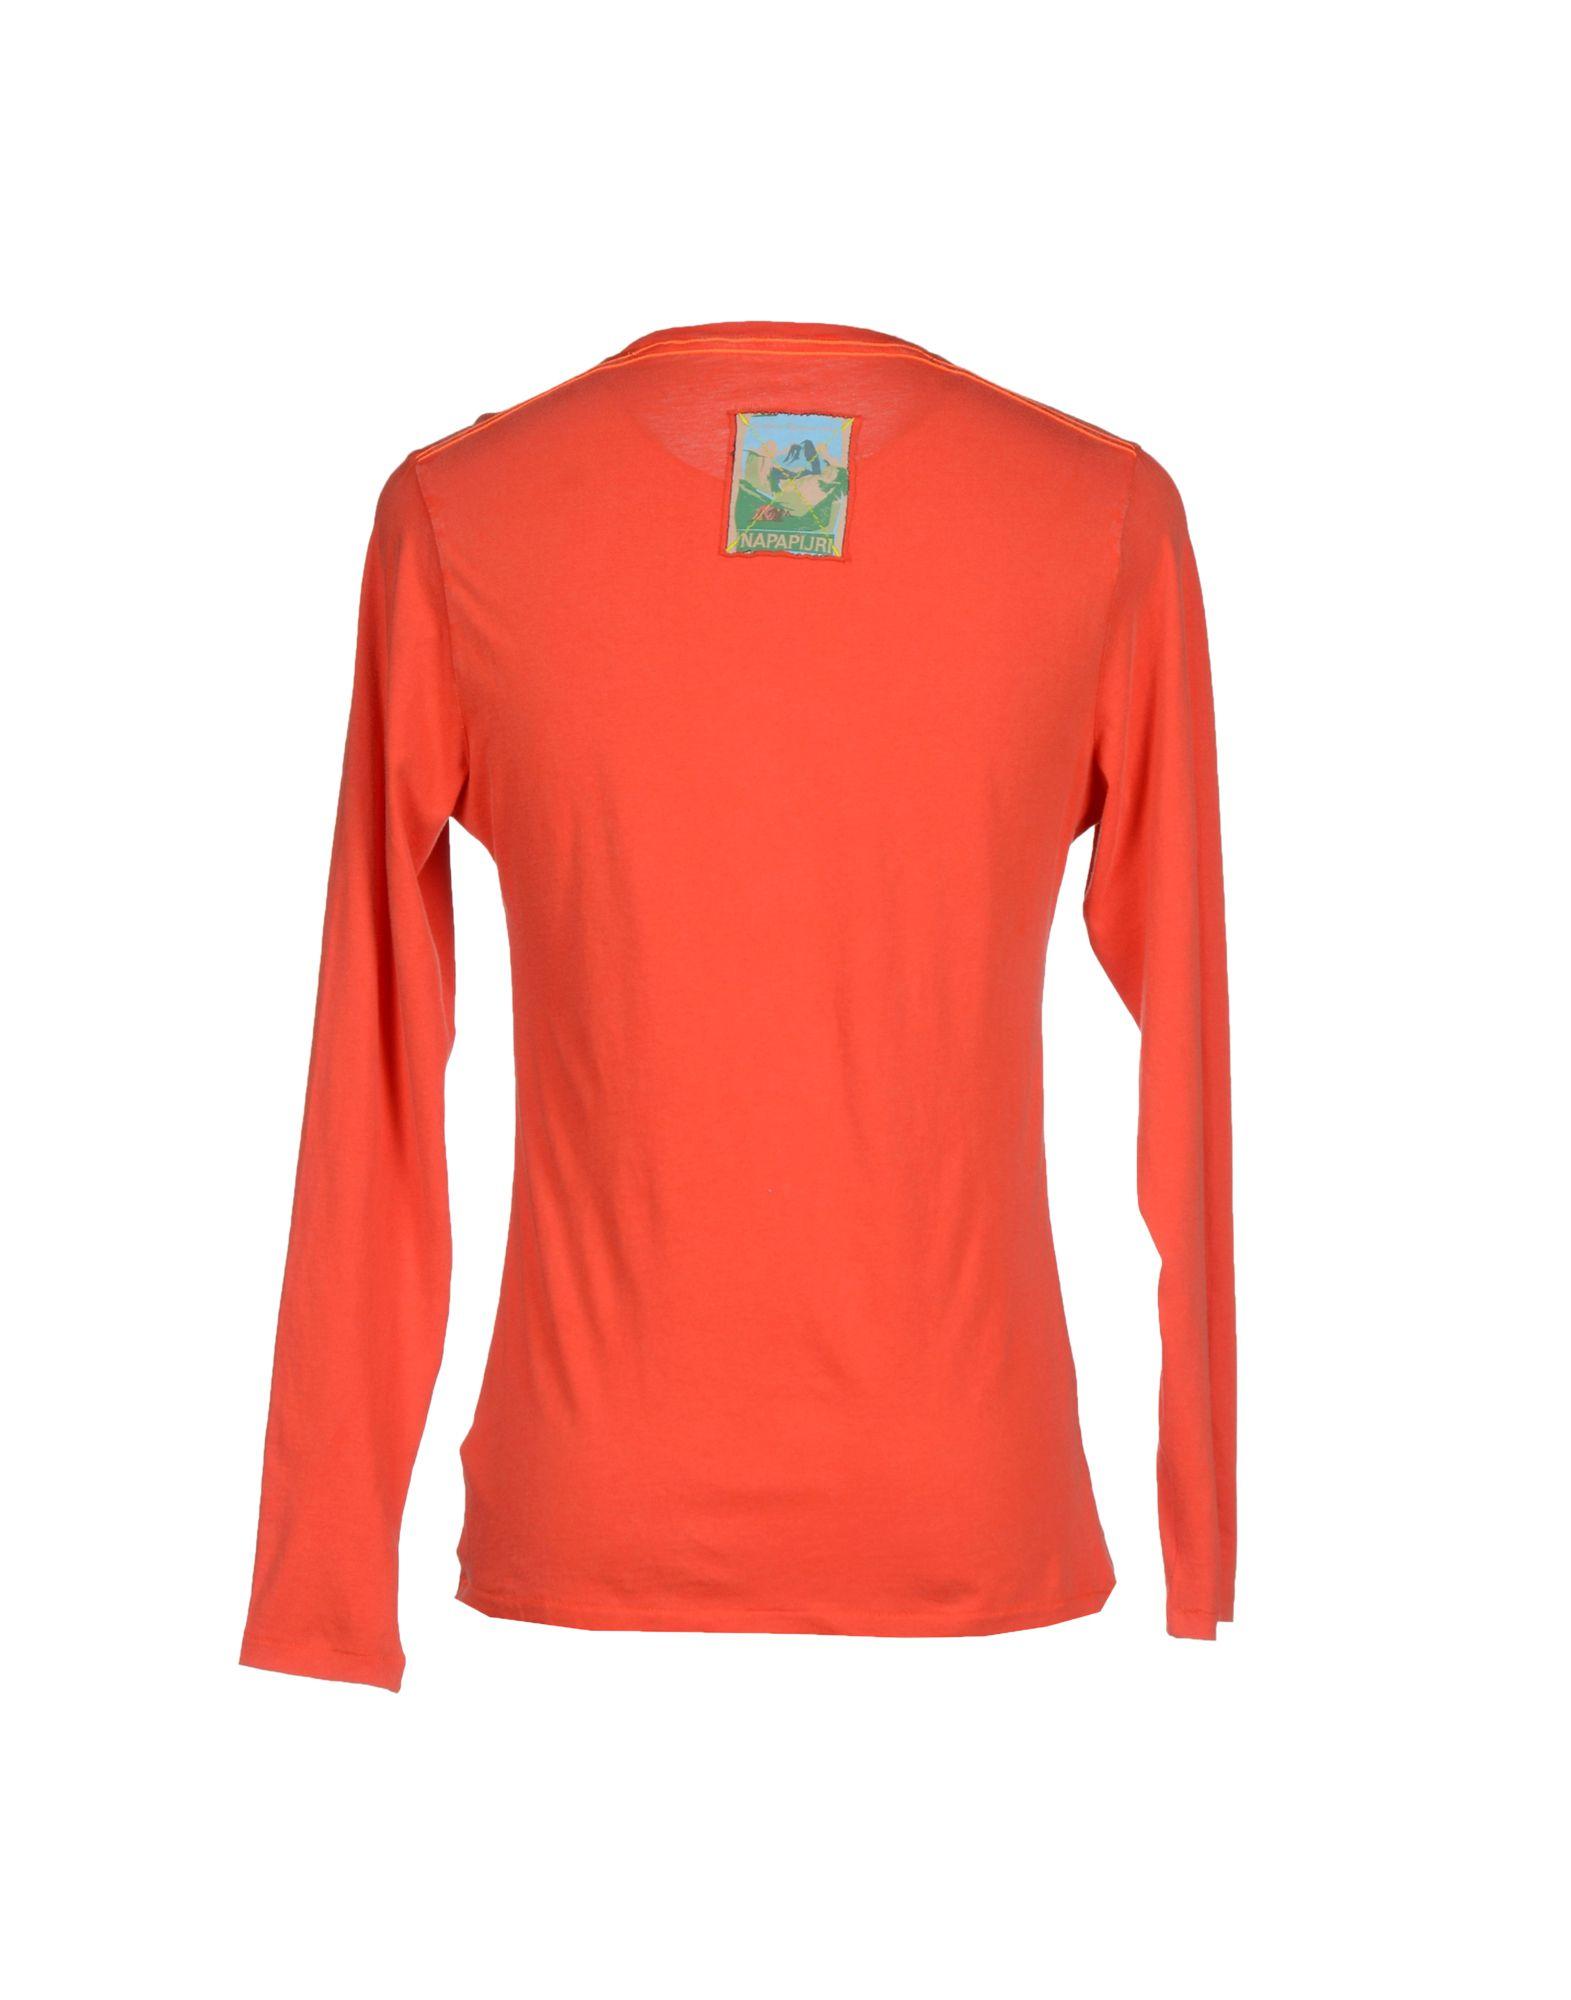 napapijri t shirt in red for men lyst. Black Bedroom Furniture Sets. Home Design Ideas